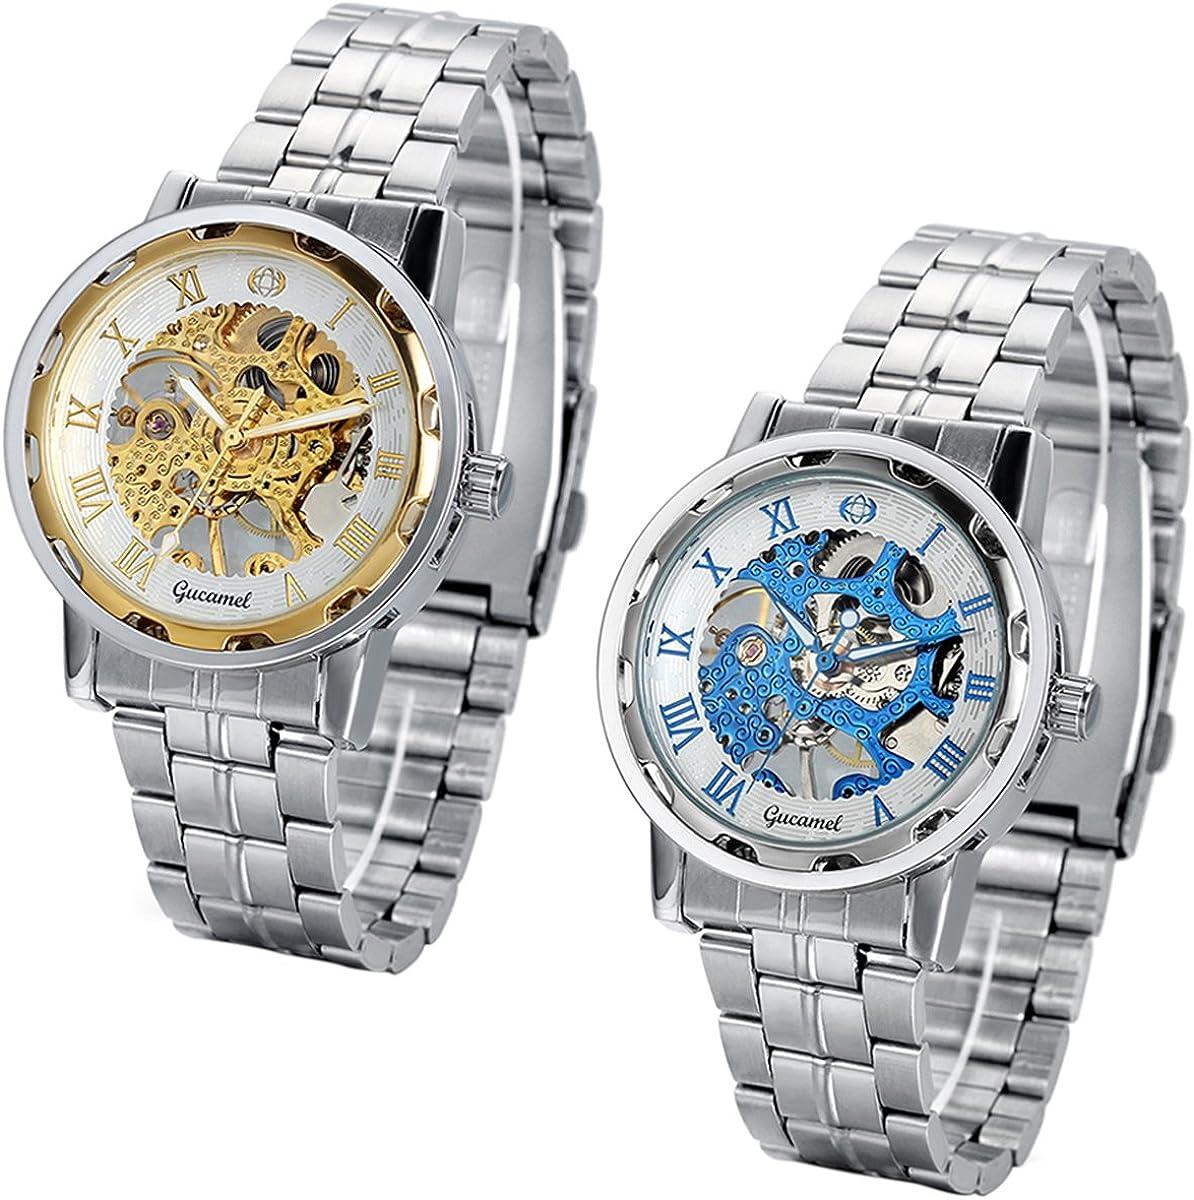 JewelryWe -  2 relojes esqueleto mecánicos de cuerda para hombre con correa de acero inoxidable. Regalo de cumpleaños.